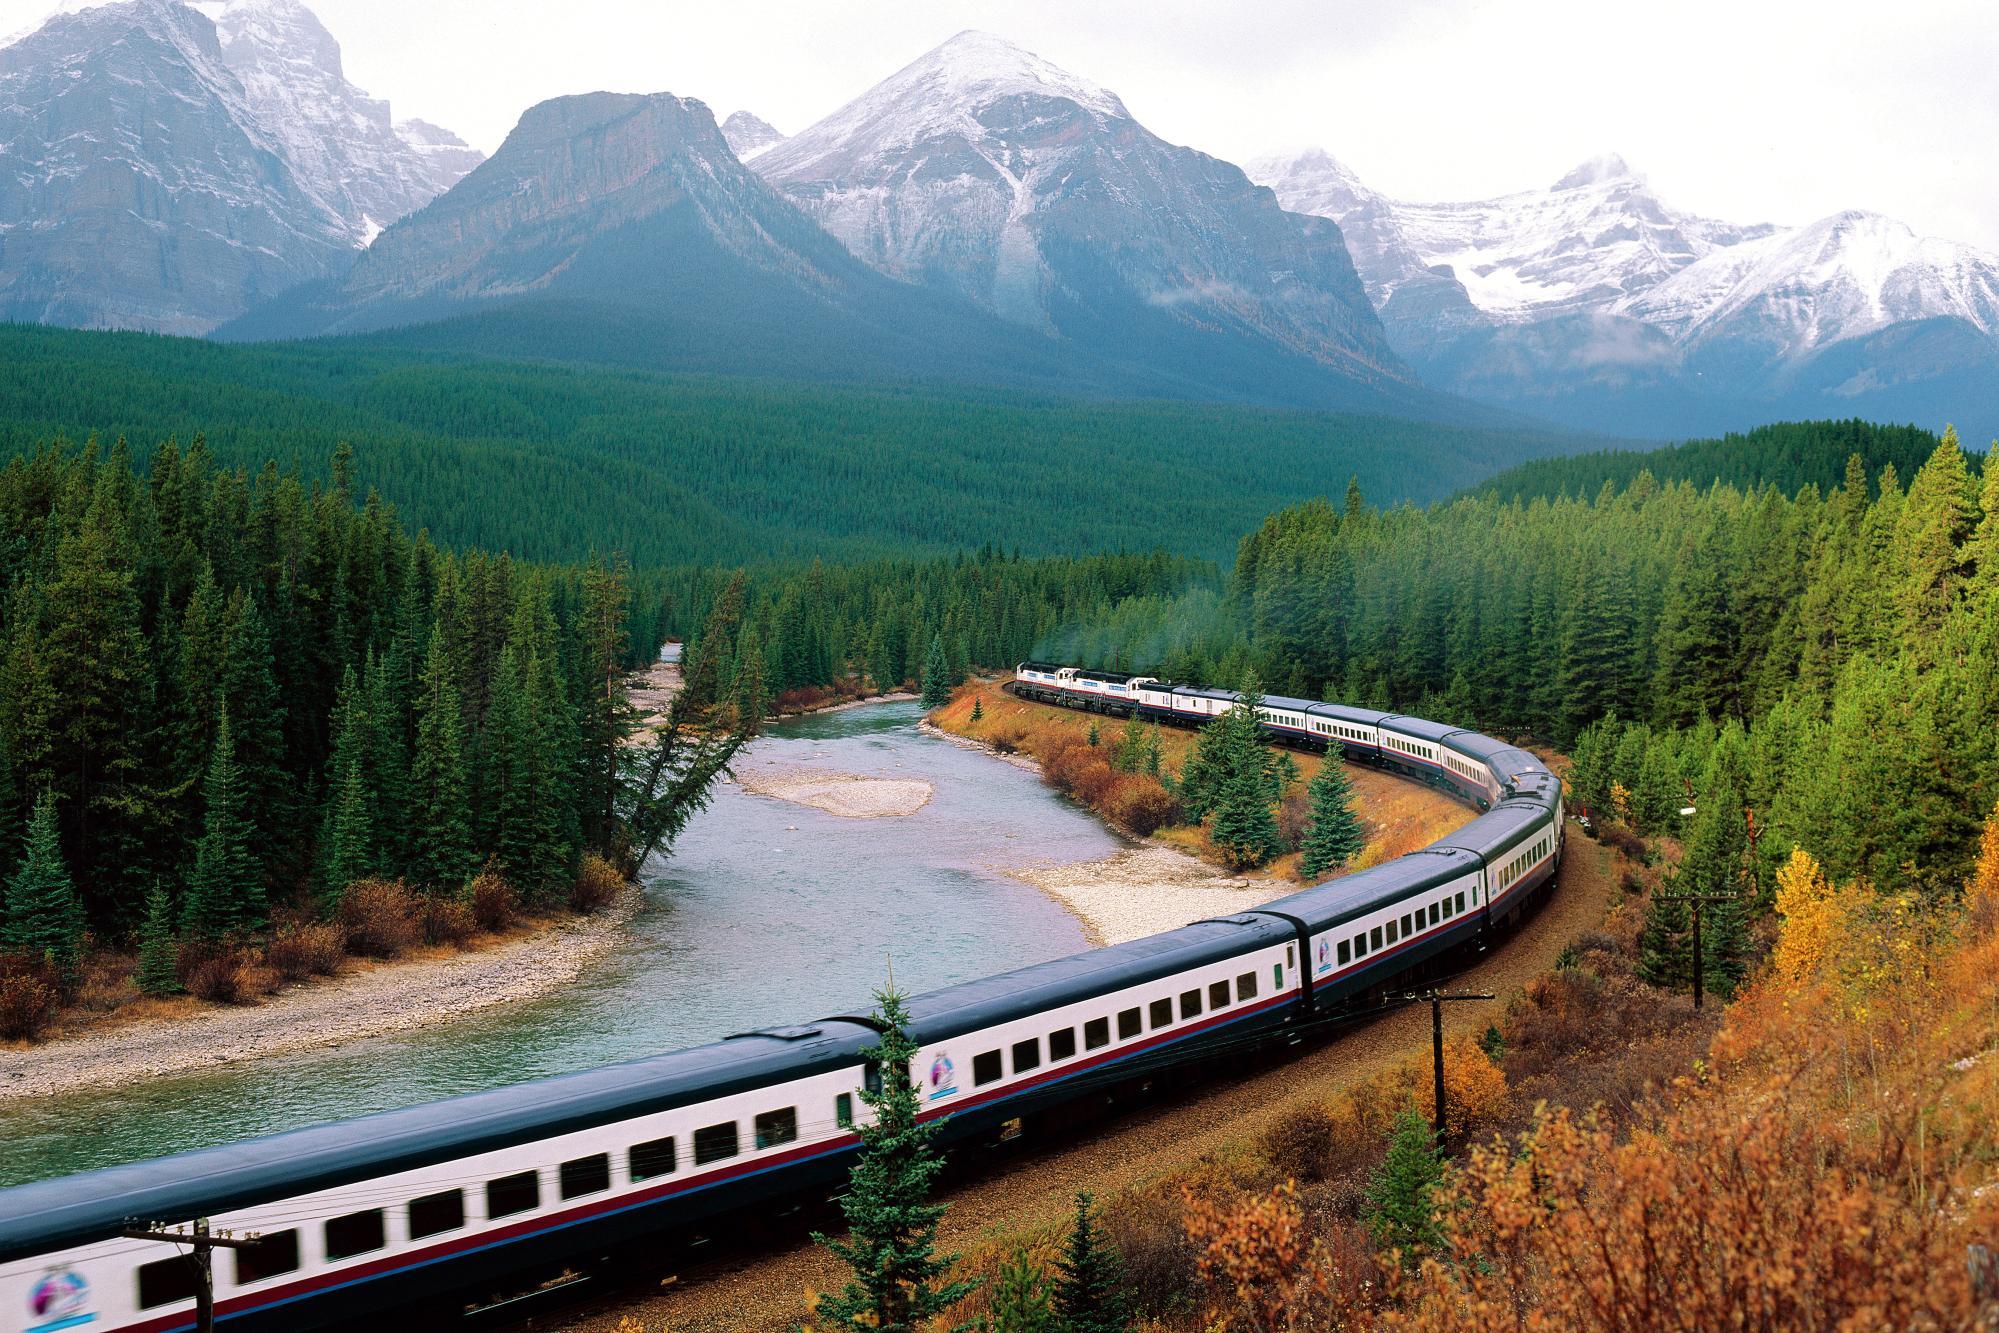 Viaggio in treno attraverso l'America con meno di €500